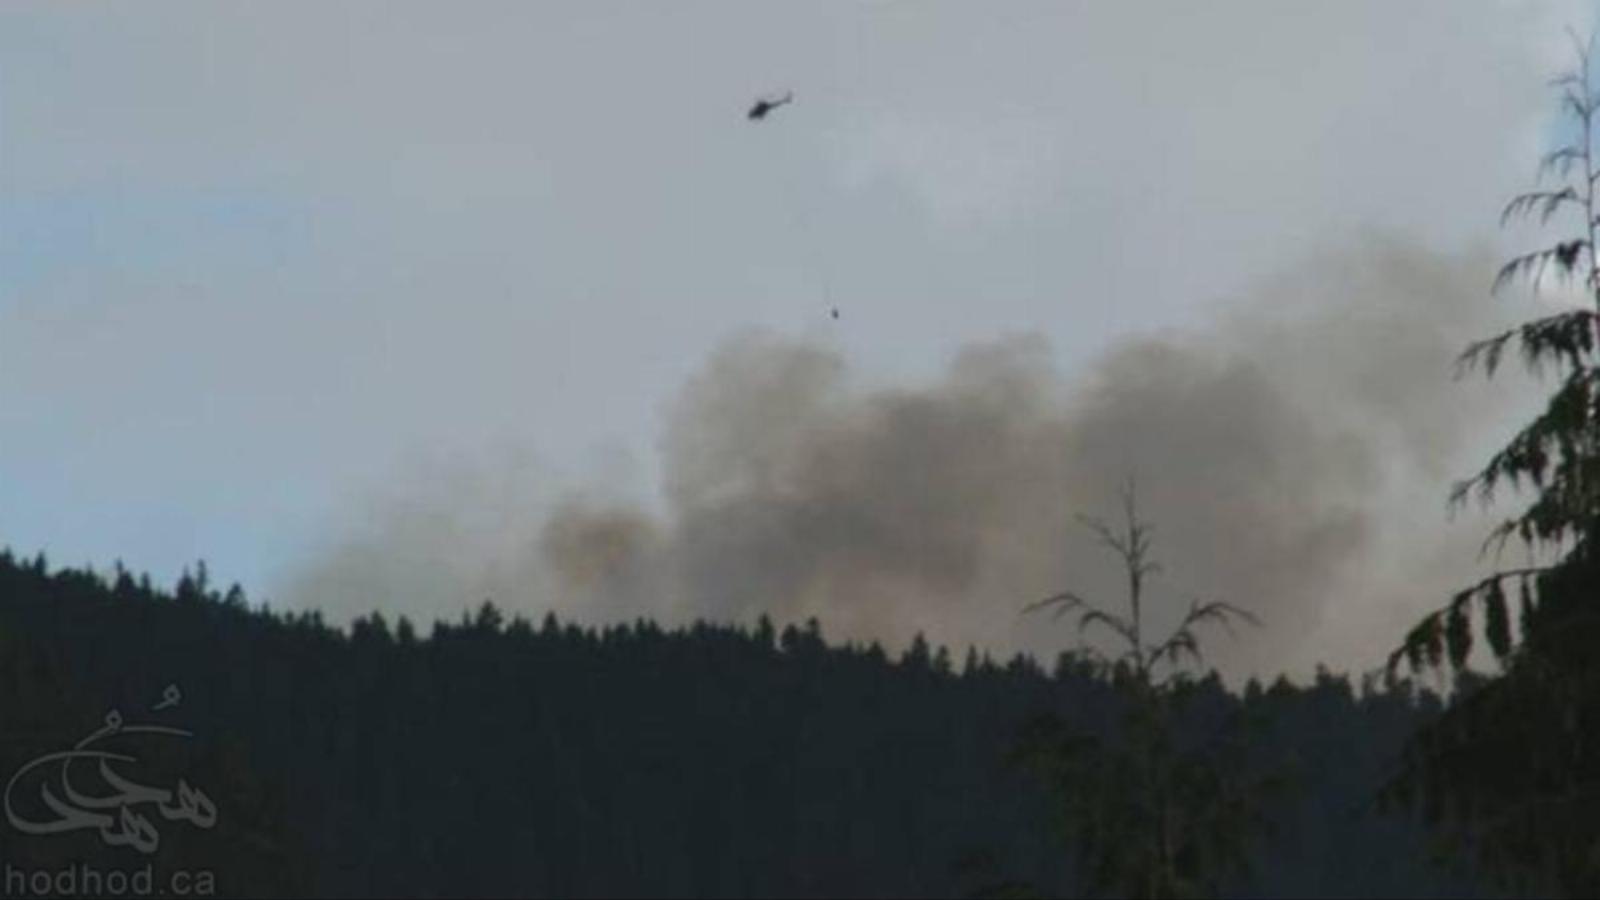 آتش سوزی جدیدی در کمین جنگل های کانادا: این بار منطقه Whistler شمال ونکوور